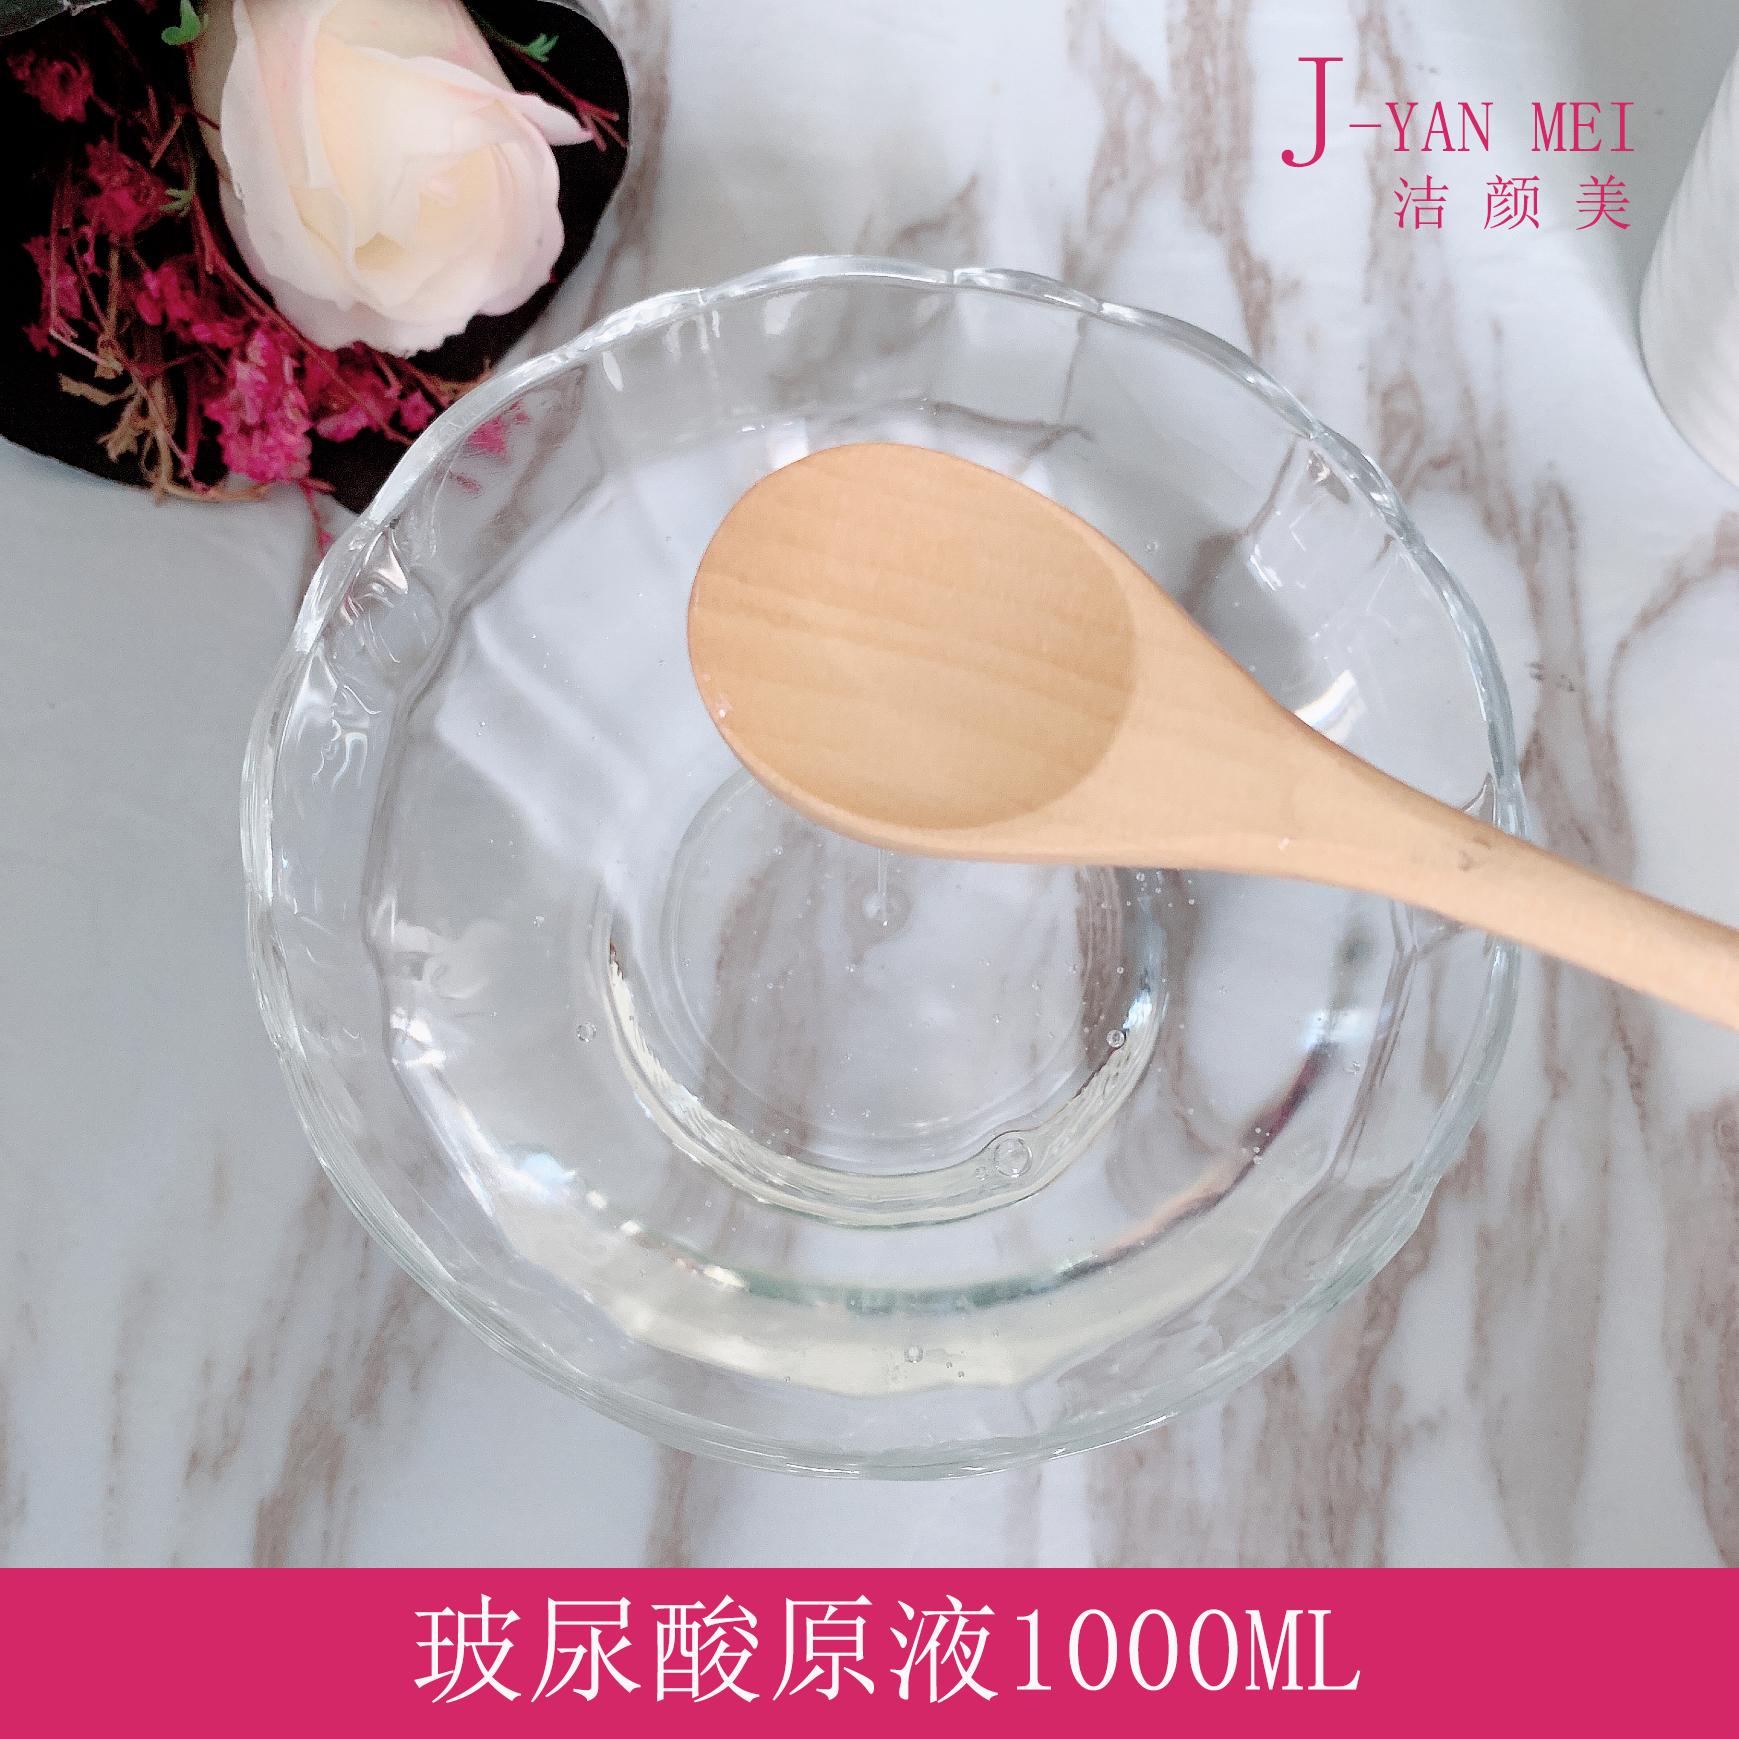 促銷潔顏美玻尿酸原液1000ML 補水保溼抗皺化妝品OEM貼牌廠家直銷